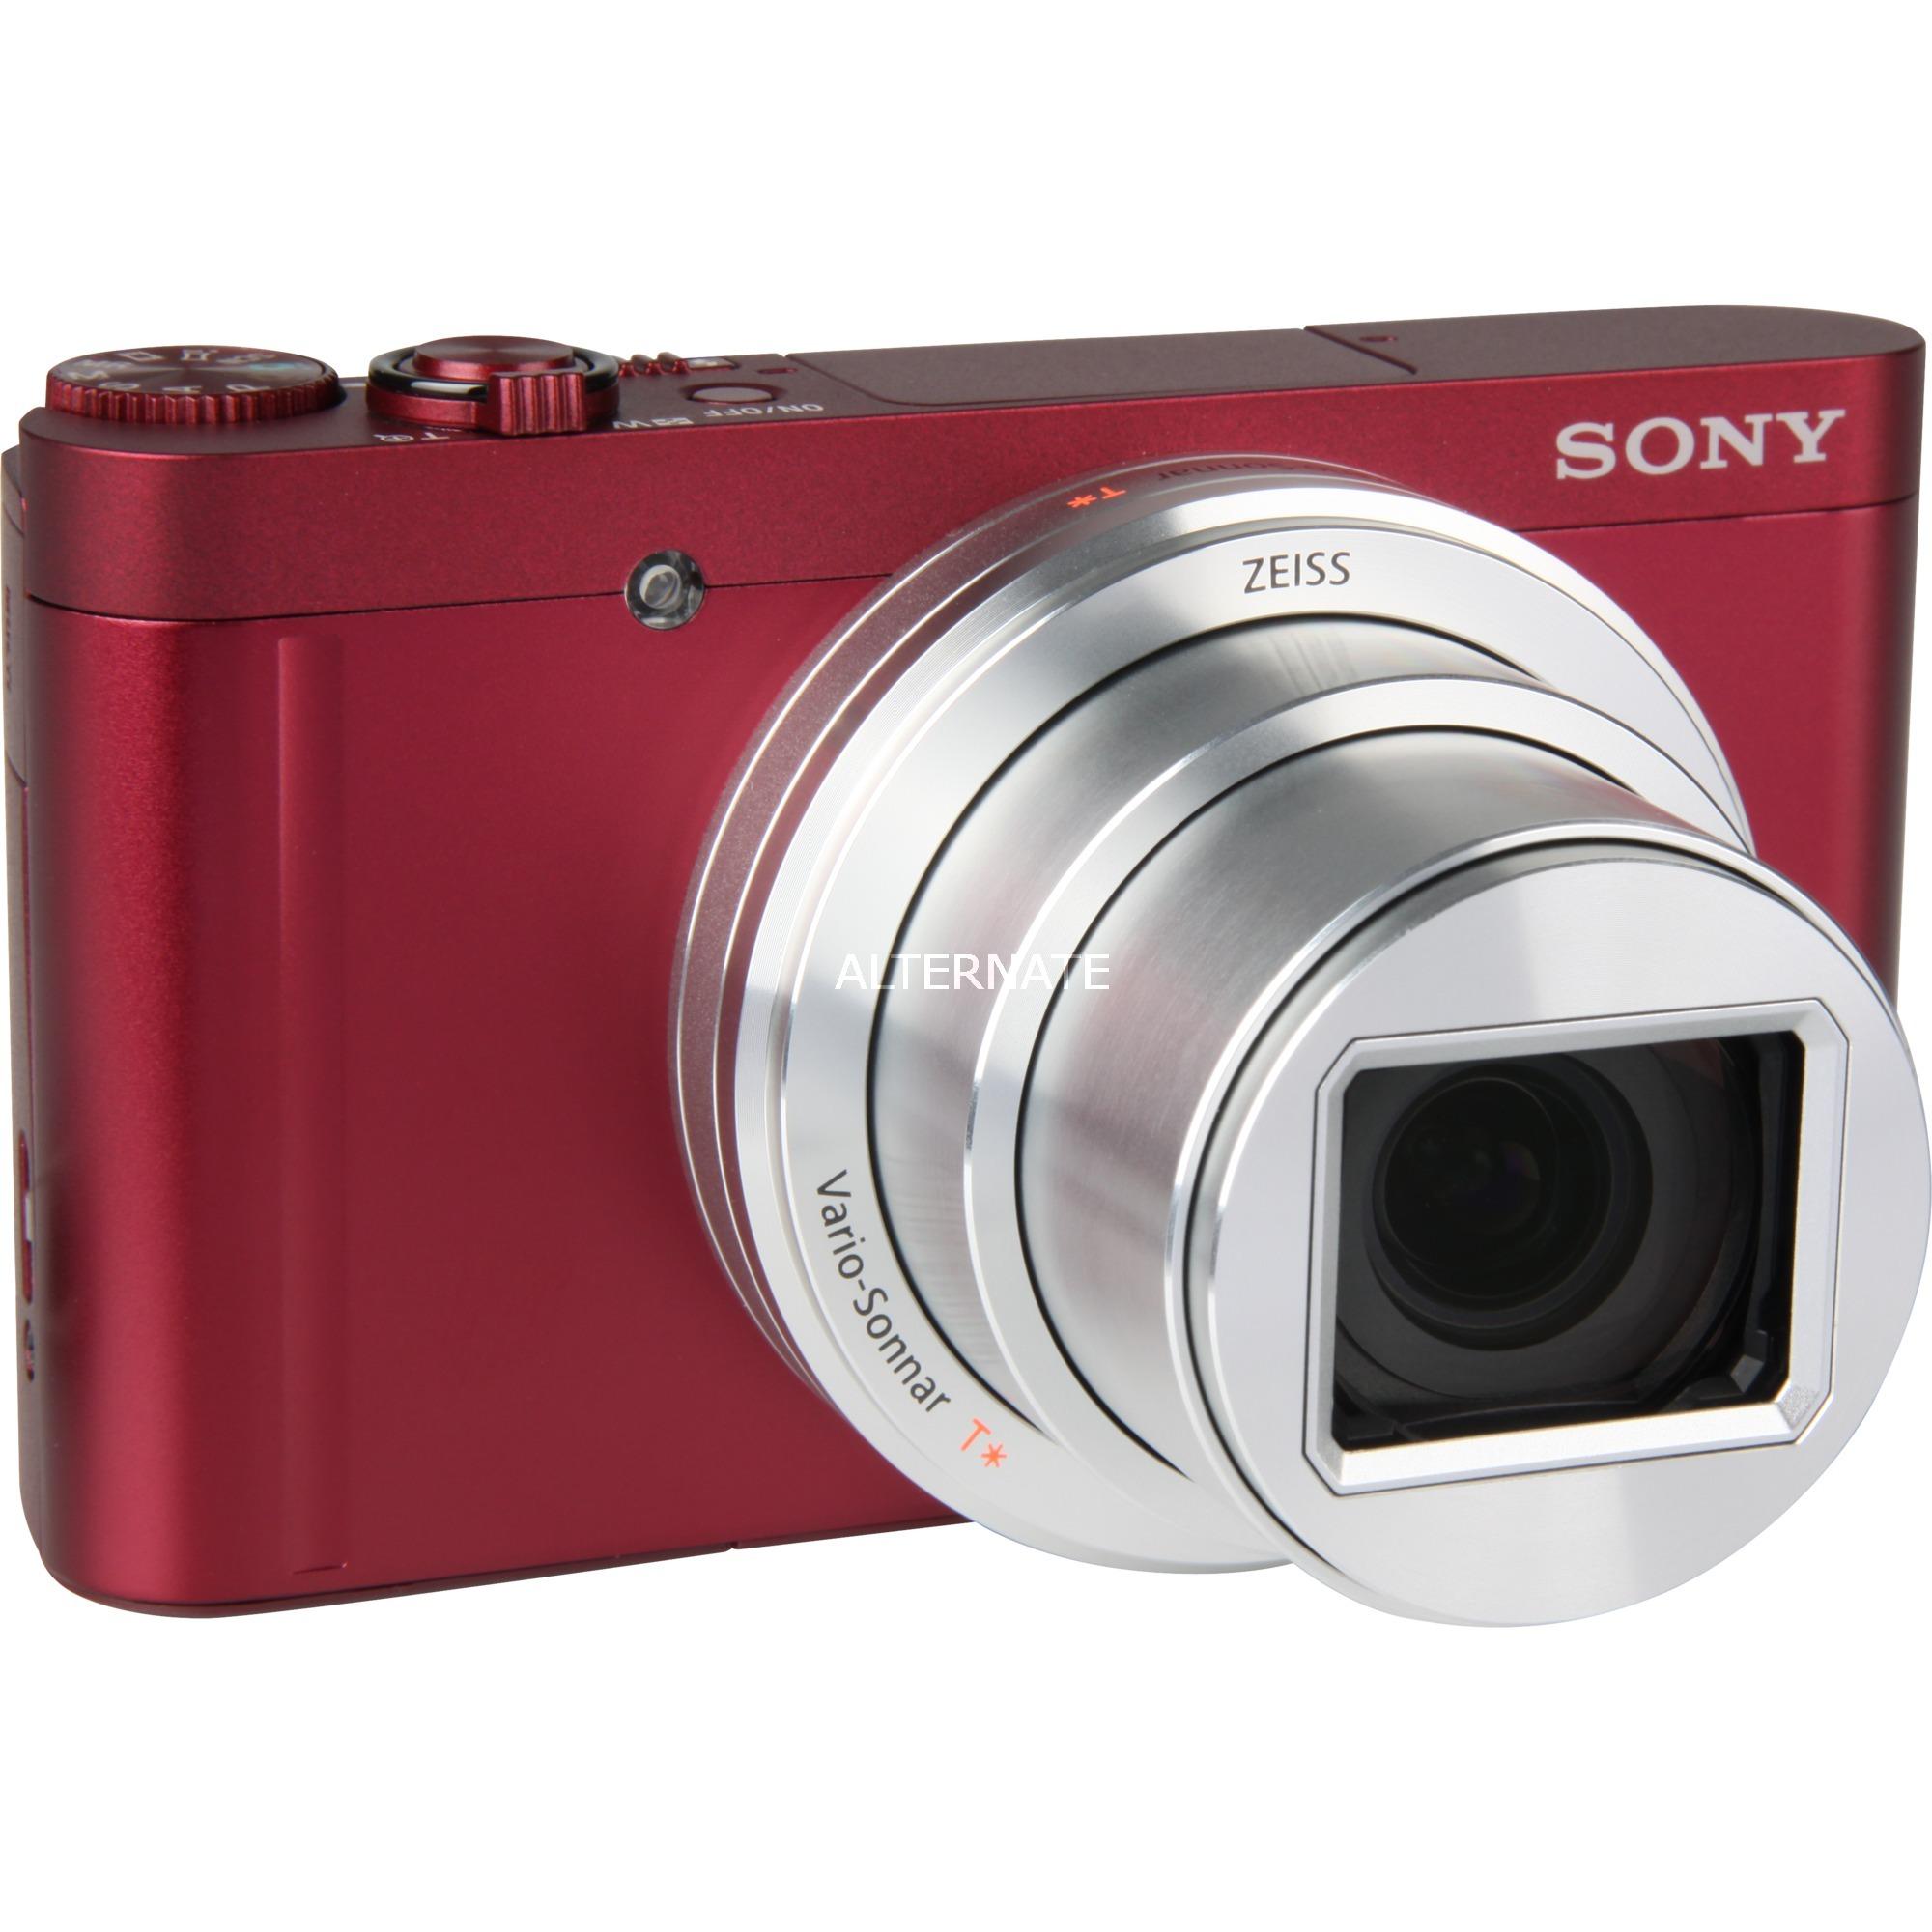 cyber-shot-dsc-wx500-digital-kamera